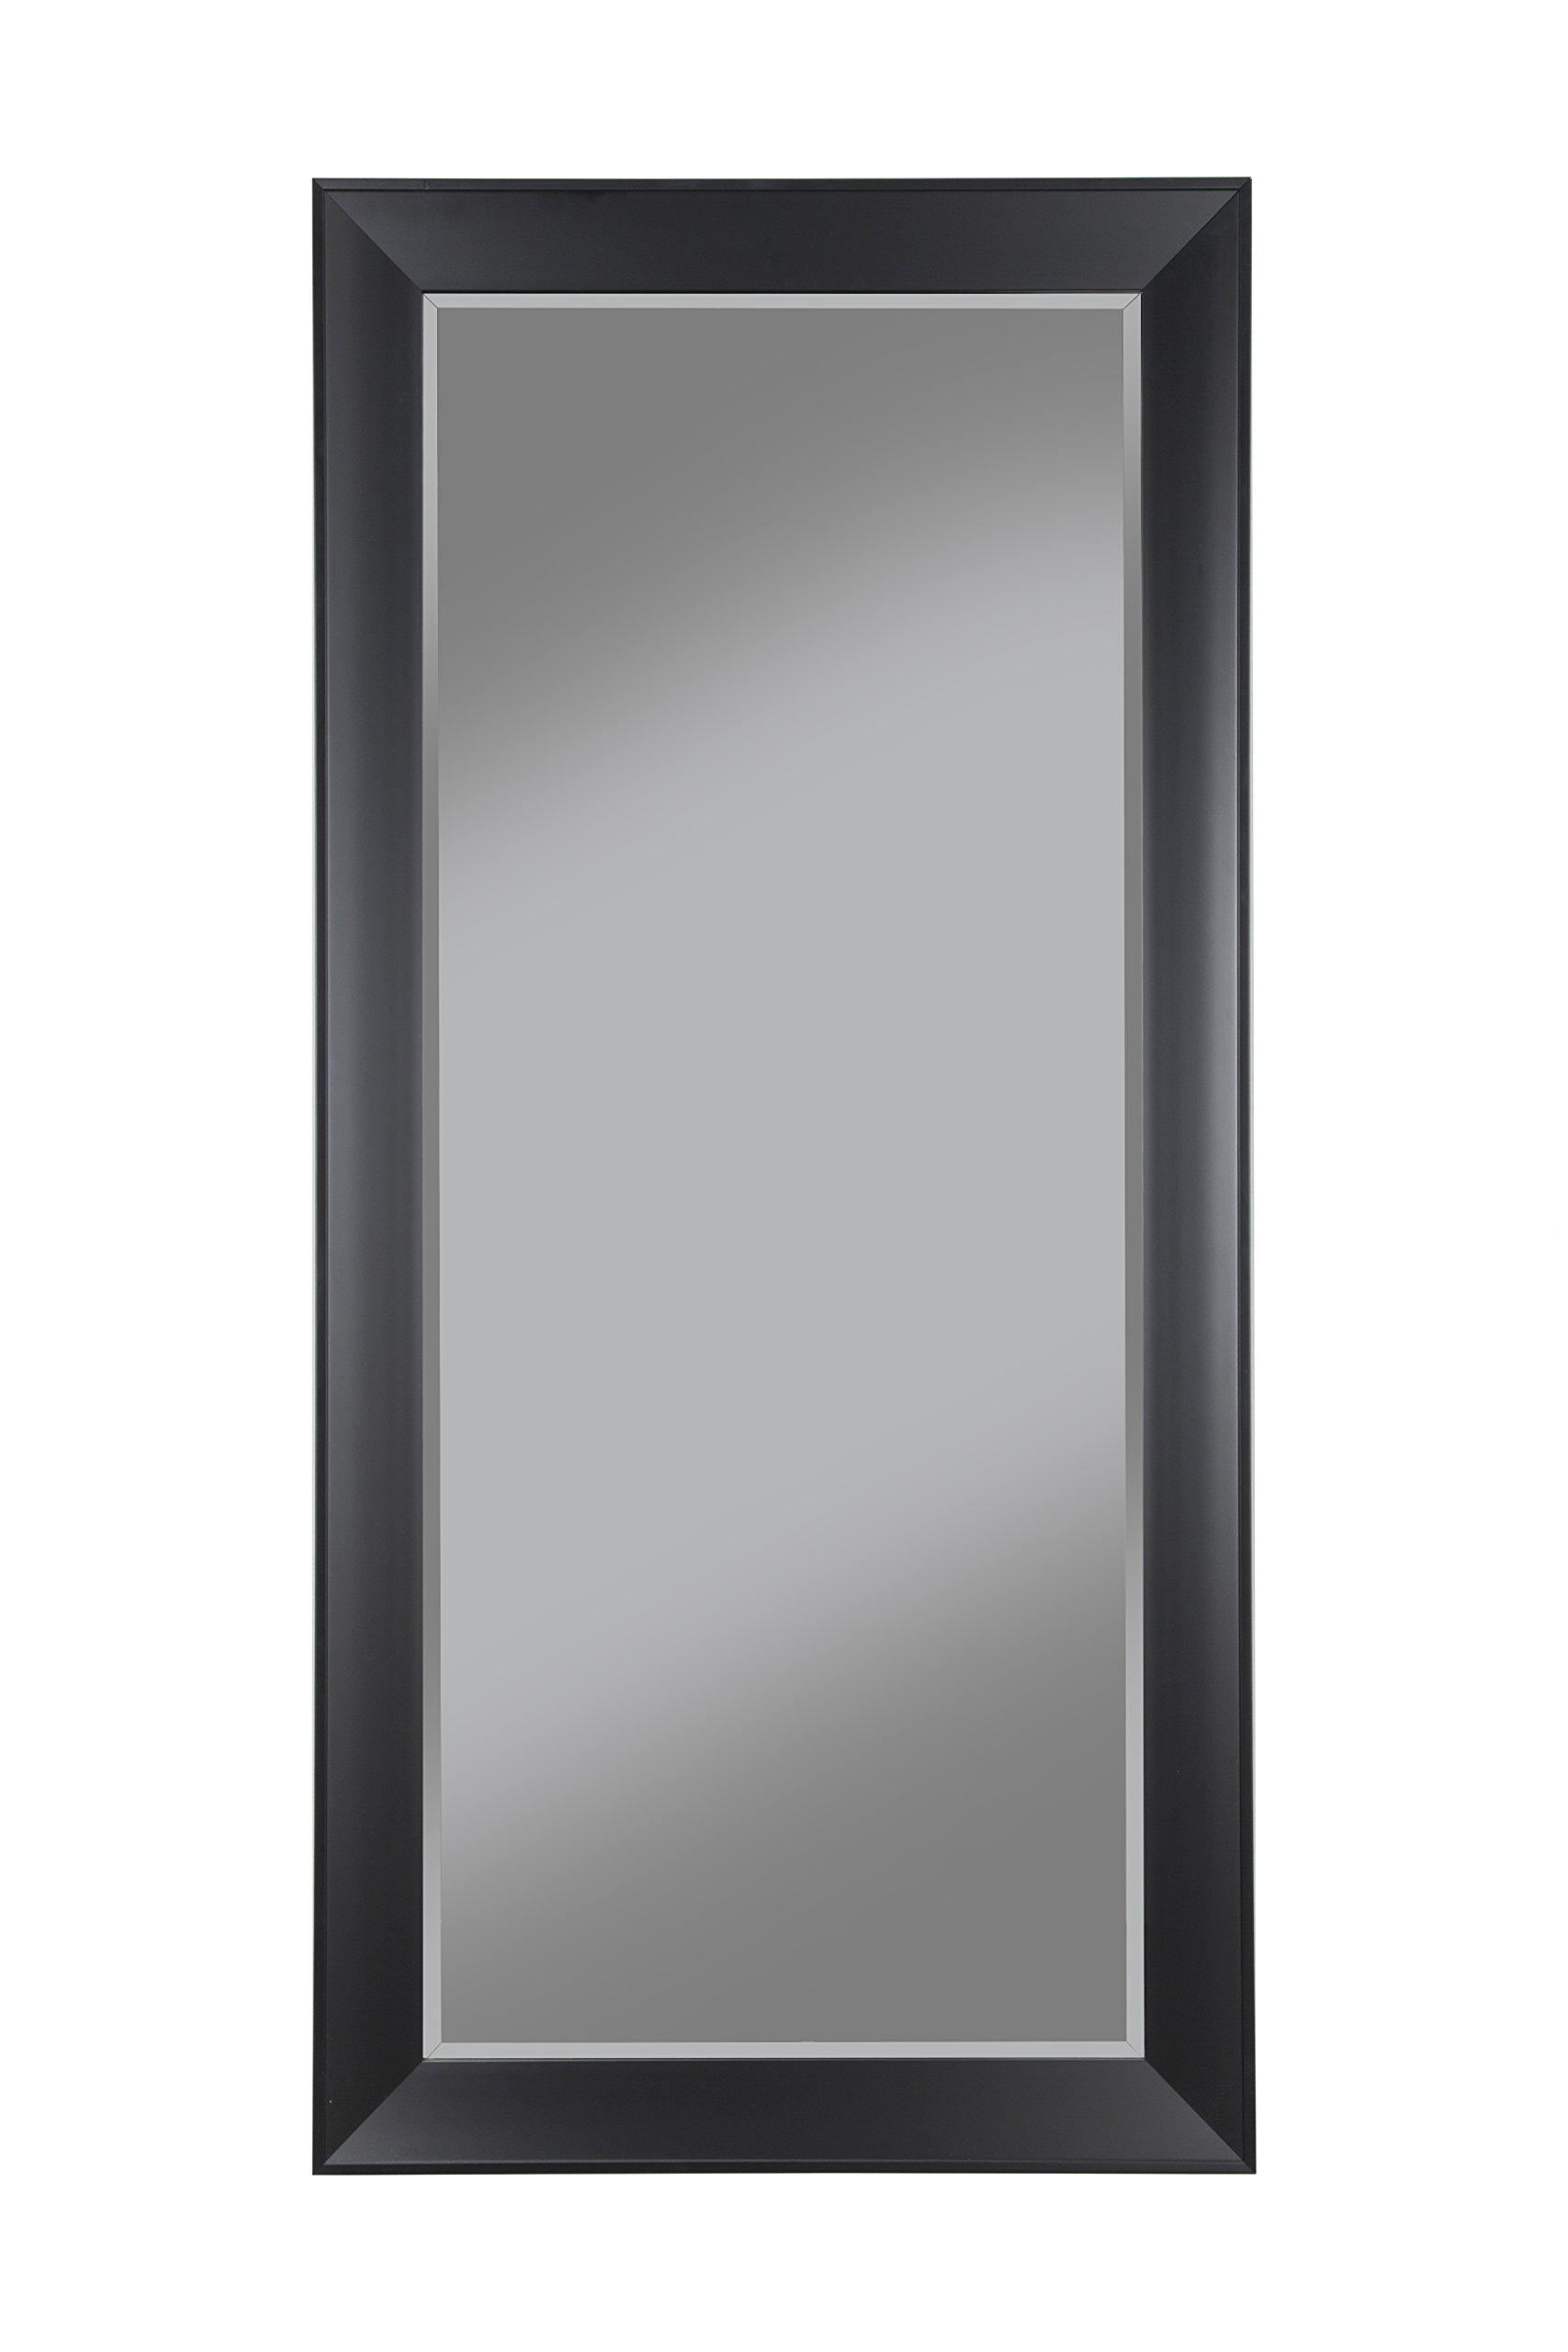 Sandberg Furniture 15011 Contemporary Full Length Leaner Mirror Frame, Black